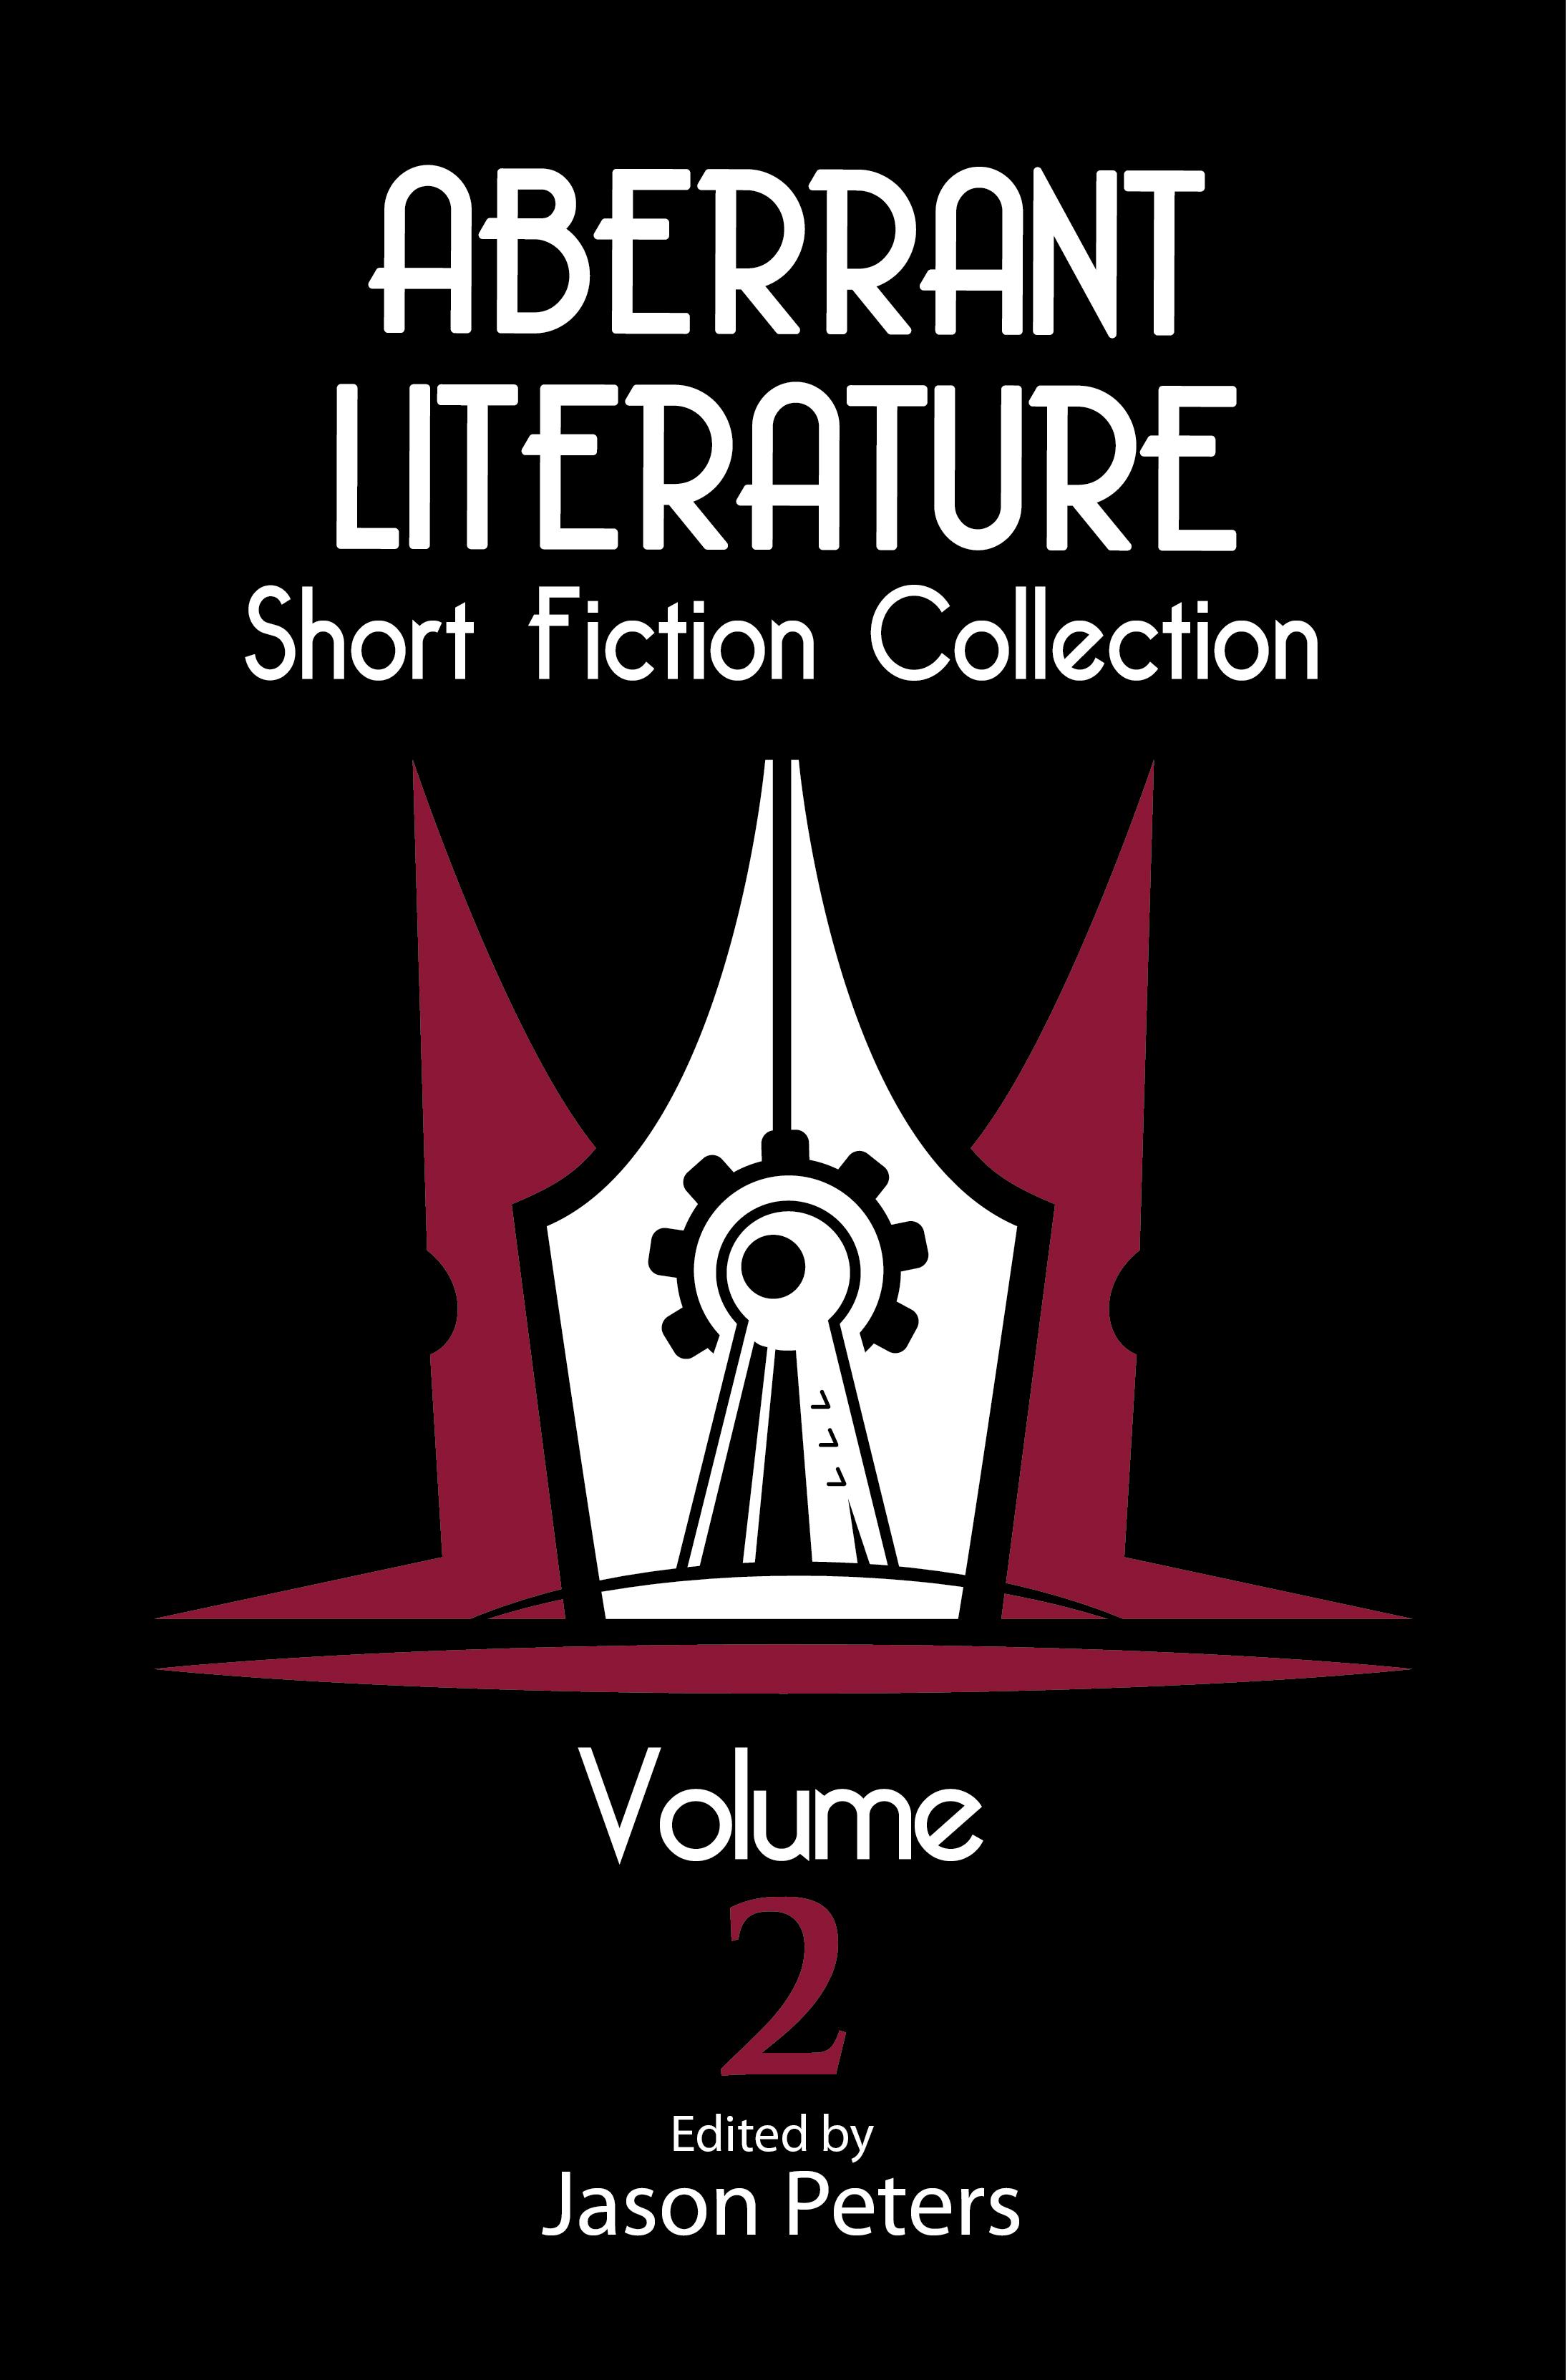 Aberrant Literature Short Fiction Collection Vol. 2 On Sale Now at Amazon.com!